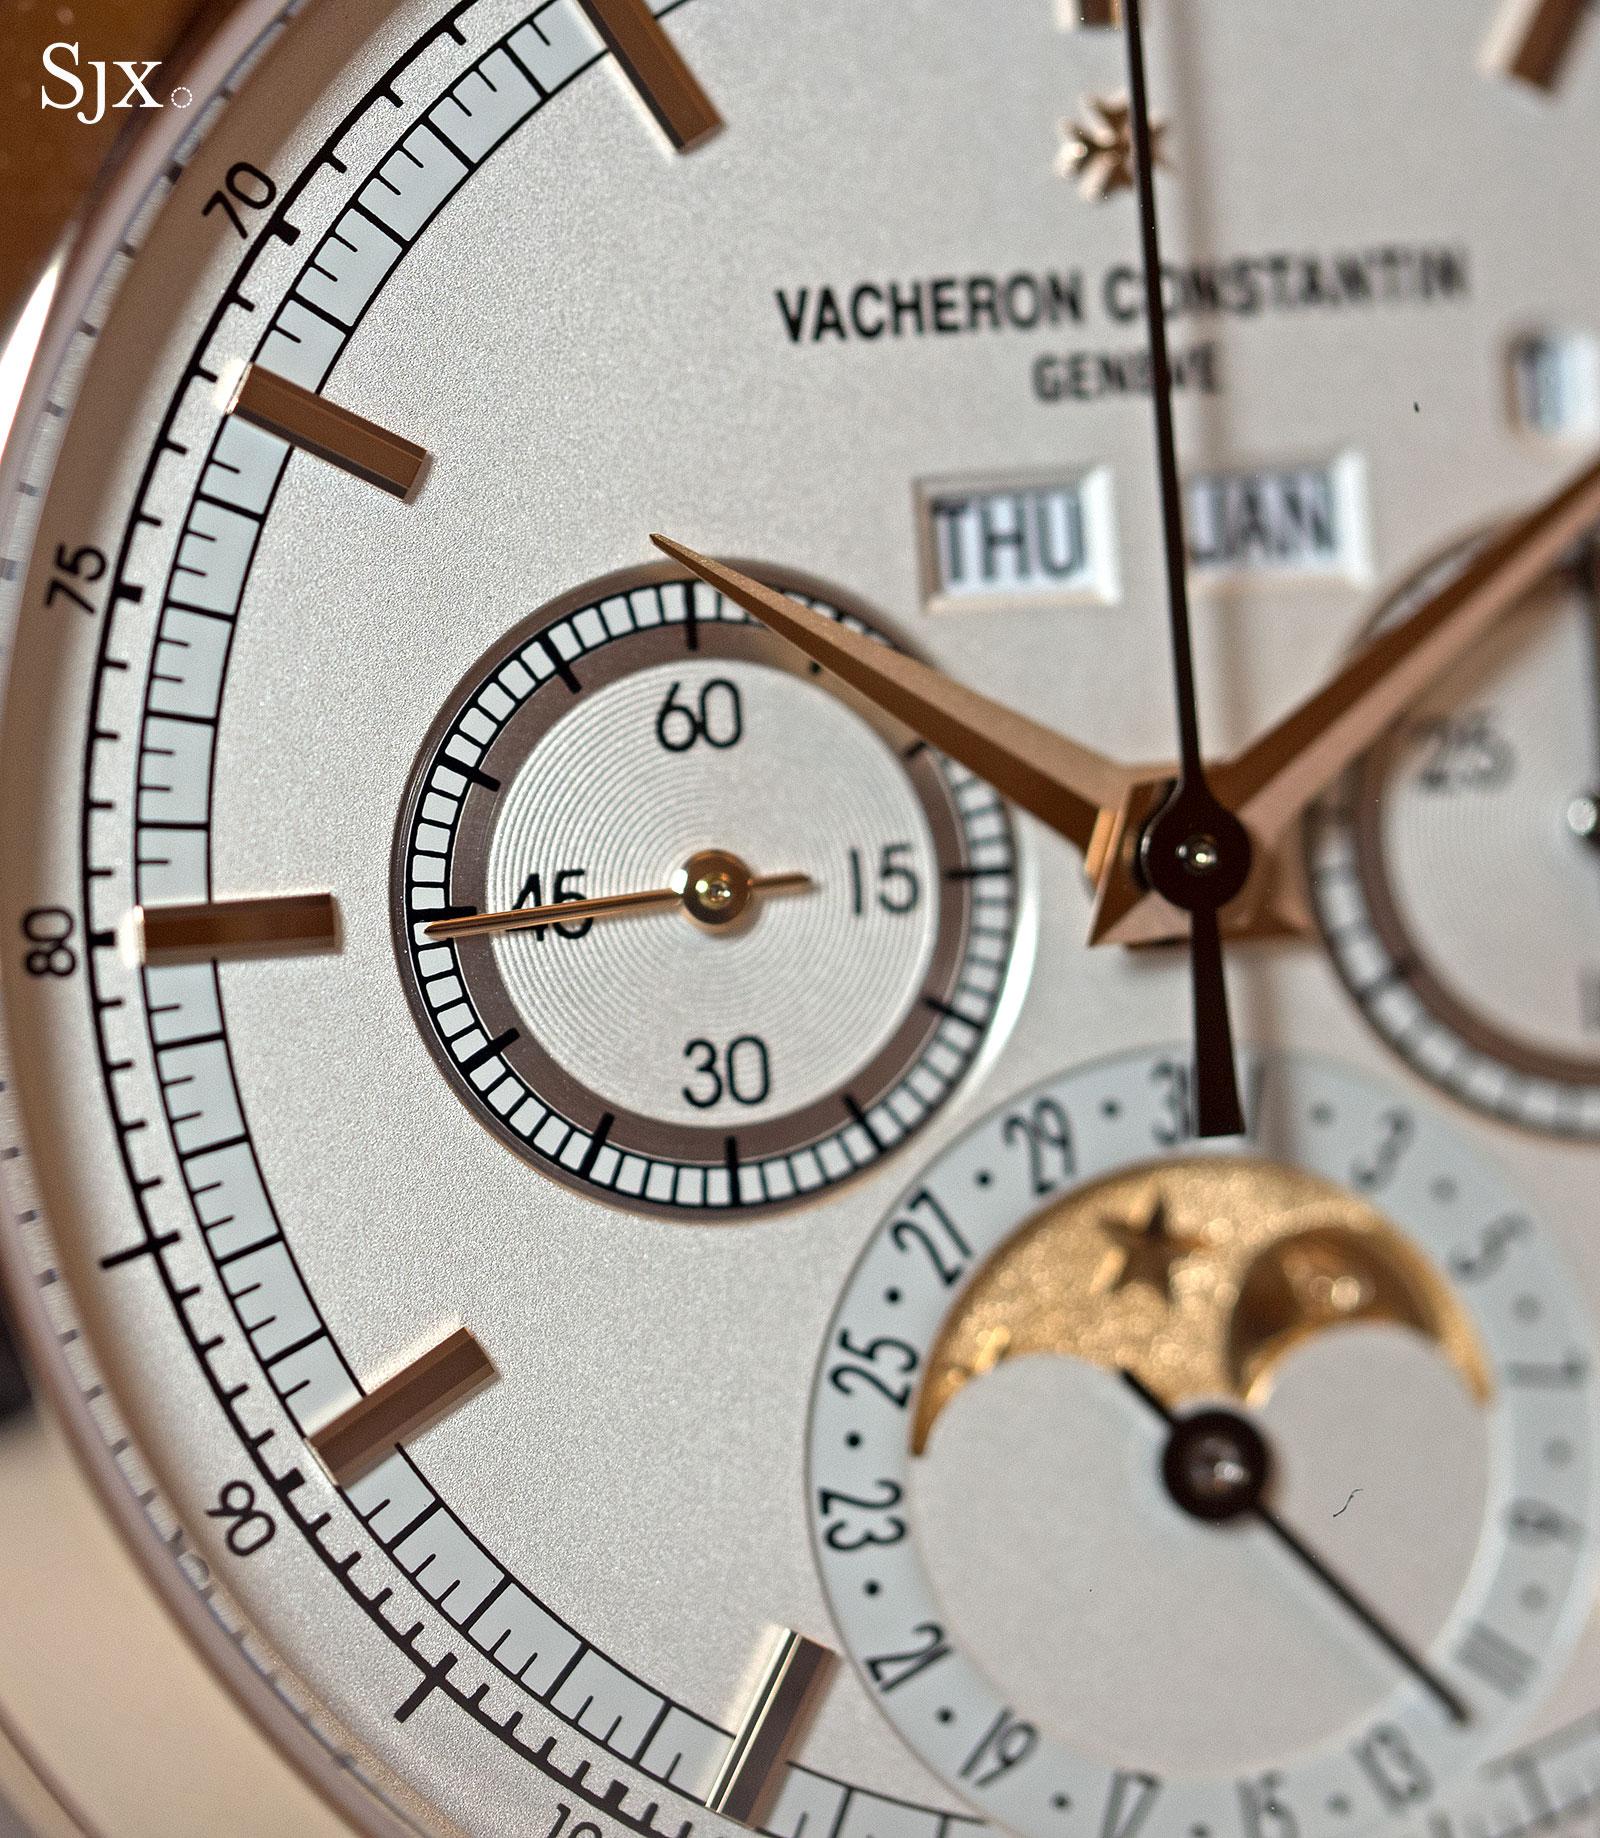 Vacheron Constantin Traditionnelle chronograph perpetual calendar 2017-5